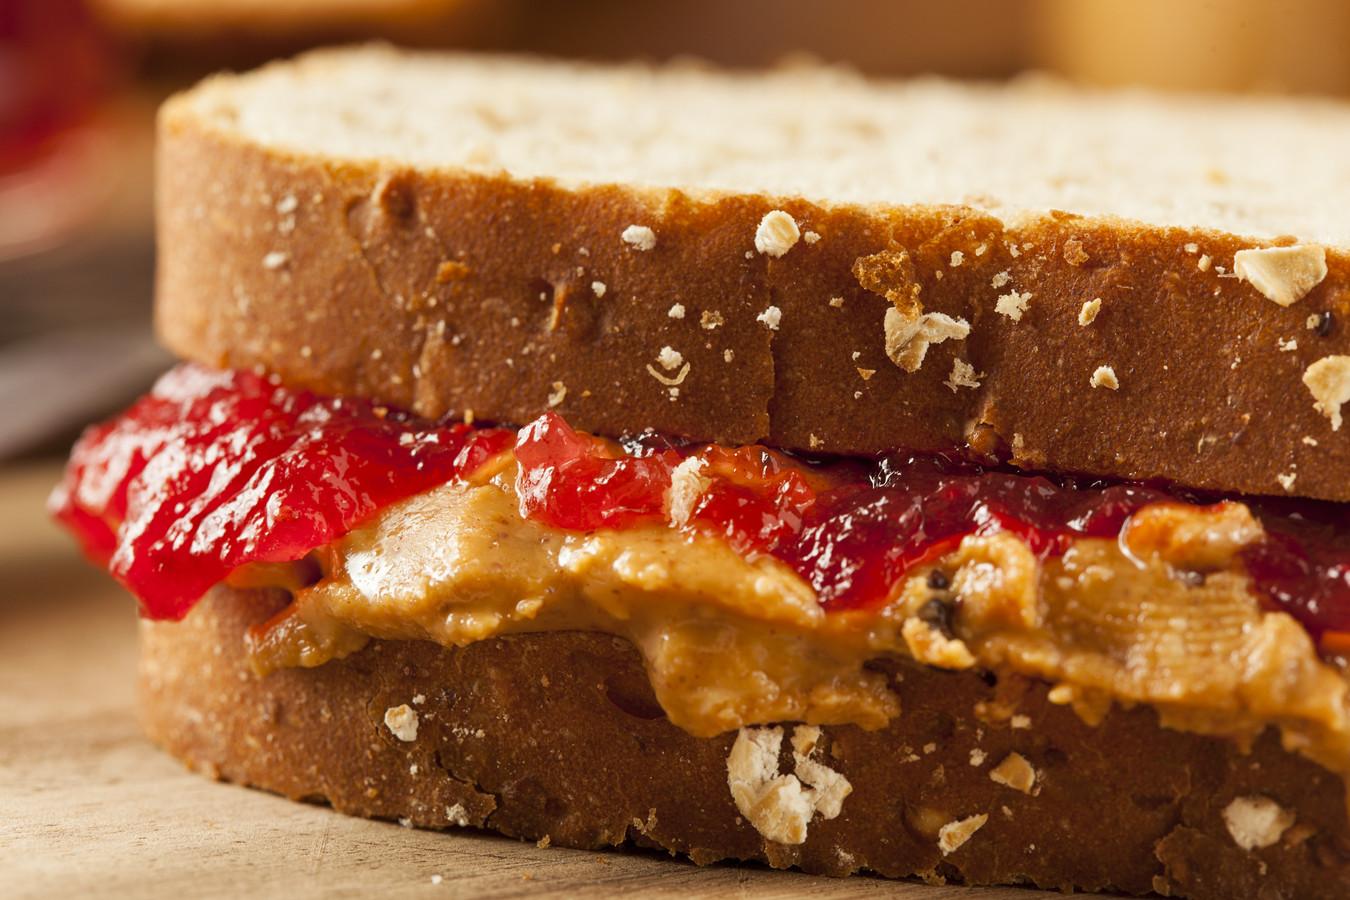 Een boterham met pindakaas en jam is een klassieker in Amerika.